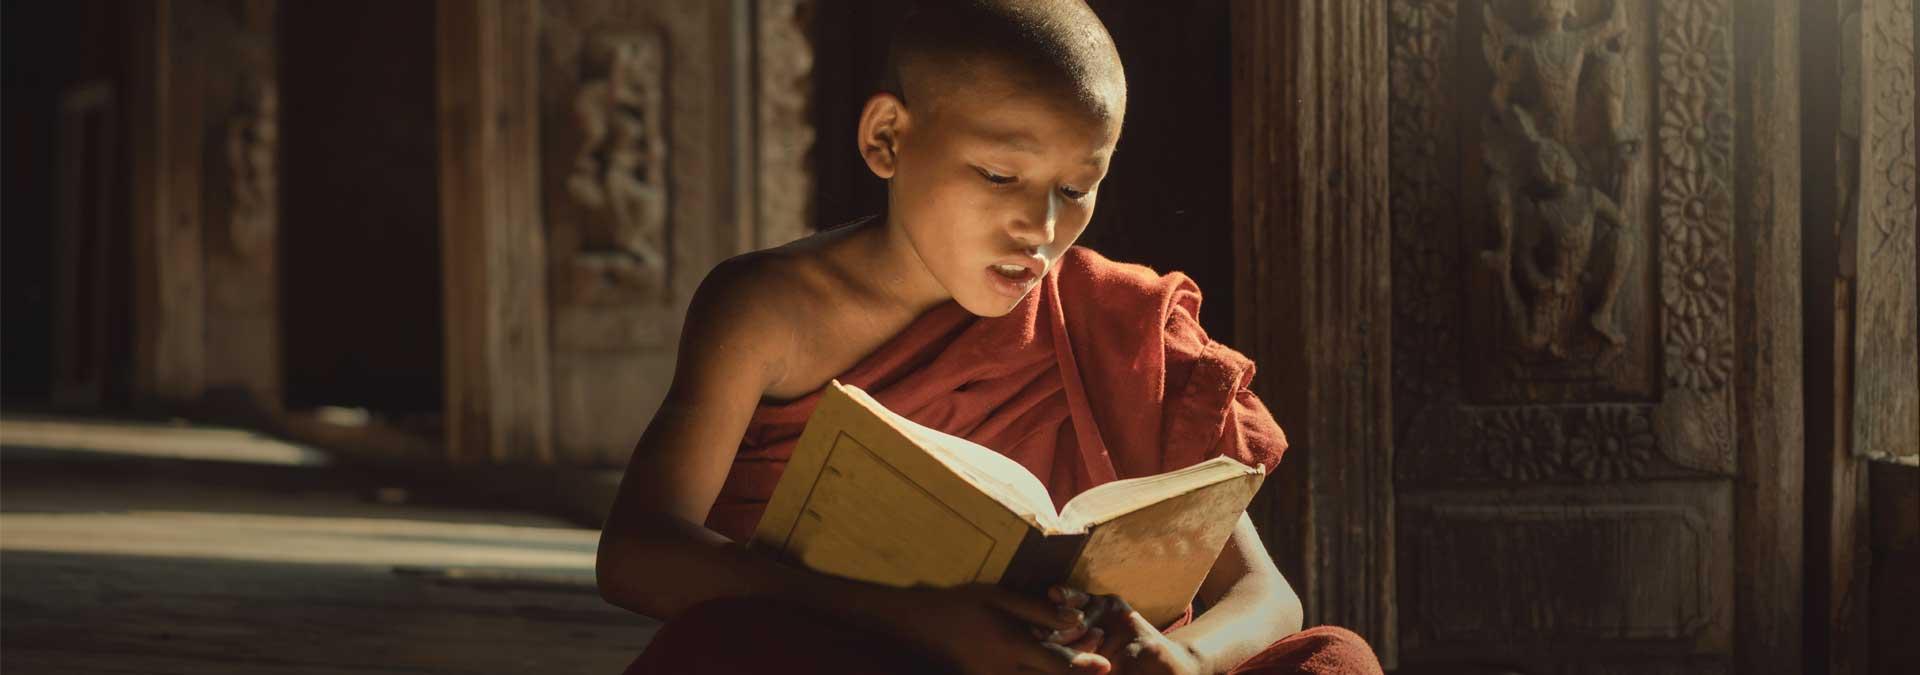 Ontdek de mooiste boeddhistische spreuken en oosterse wijsheden van Ingspire.nl